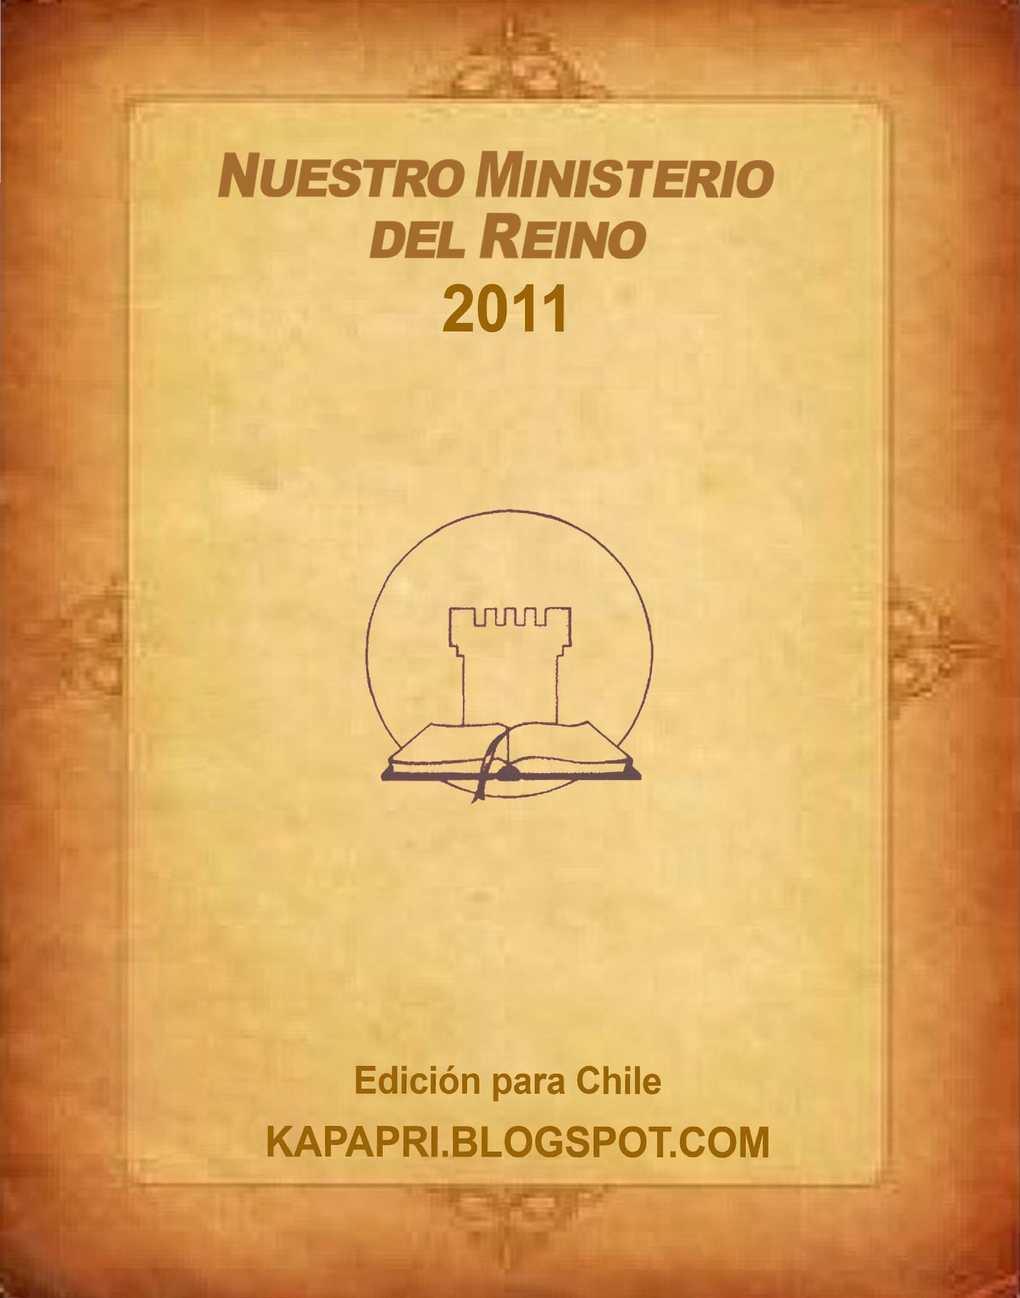 2011 Nuestro Miniserio el Reino